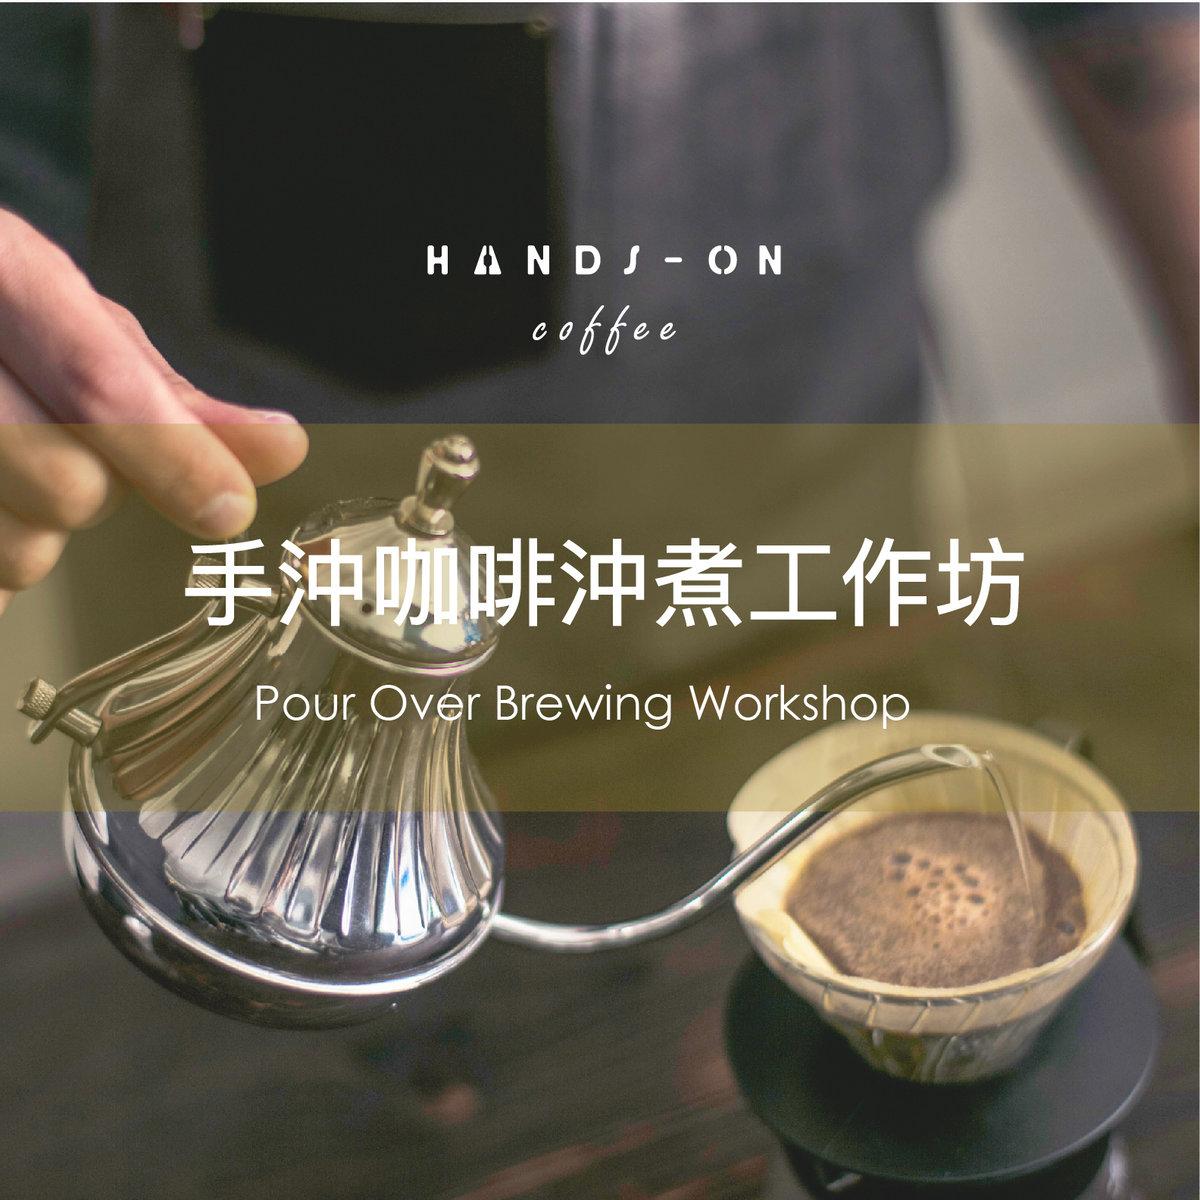 (8/9) 手沖咖啡沖煮工作坊 [二人同行優惠]